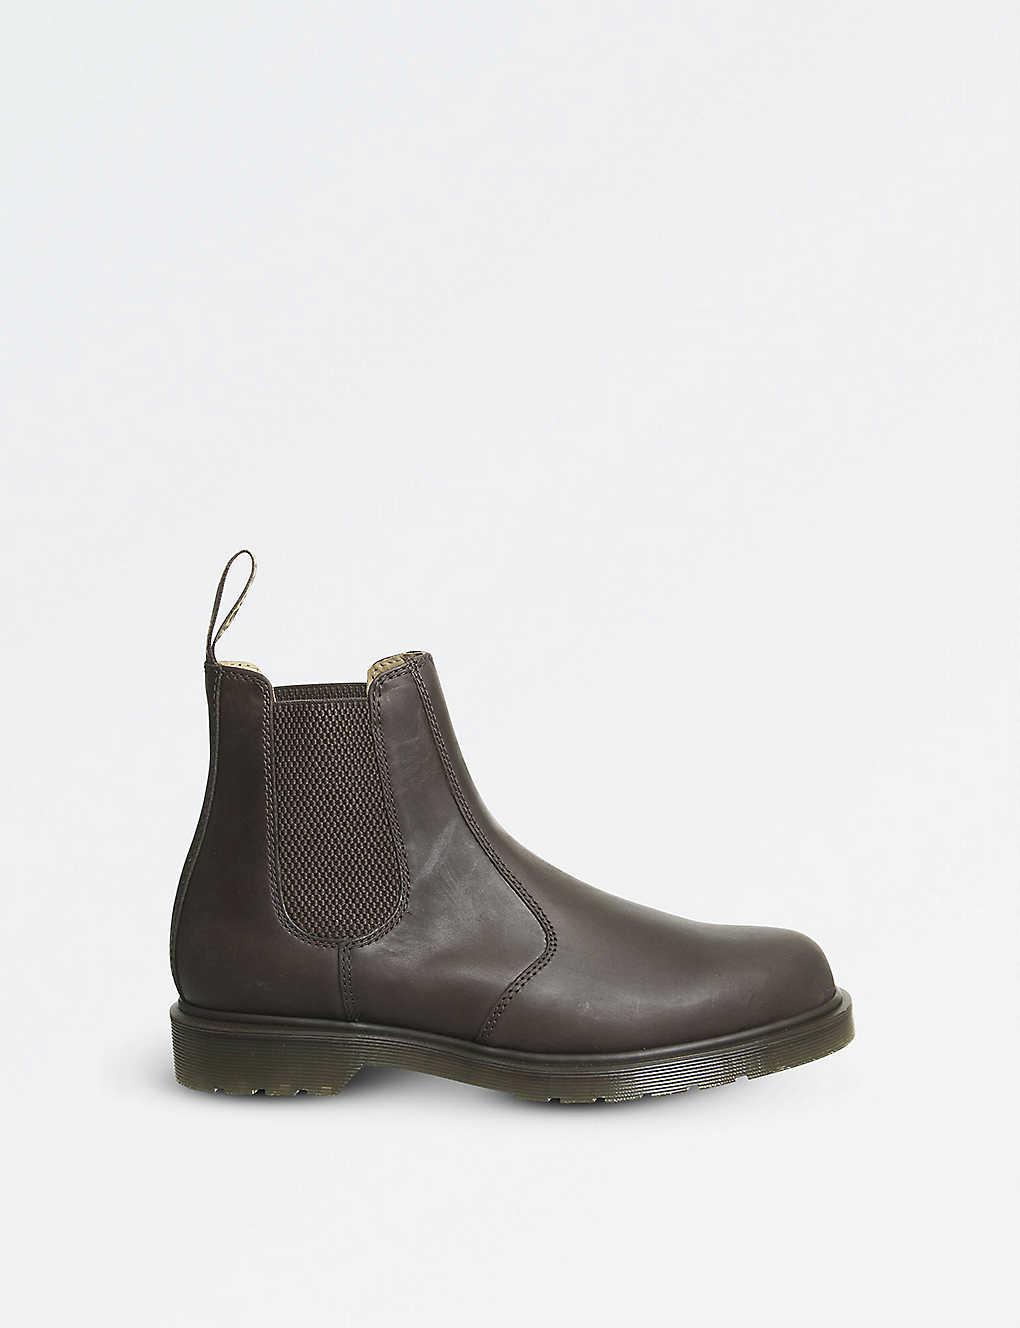 eca4f60a307 DR. MARTENS - 2976 Crazy Horse Chelsea boots | Selfridges.com